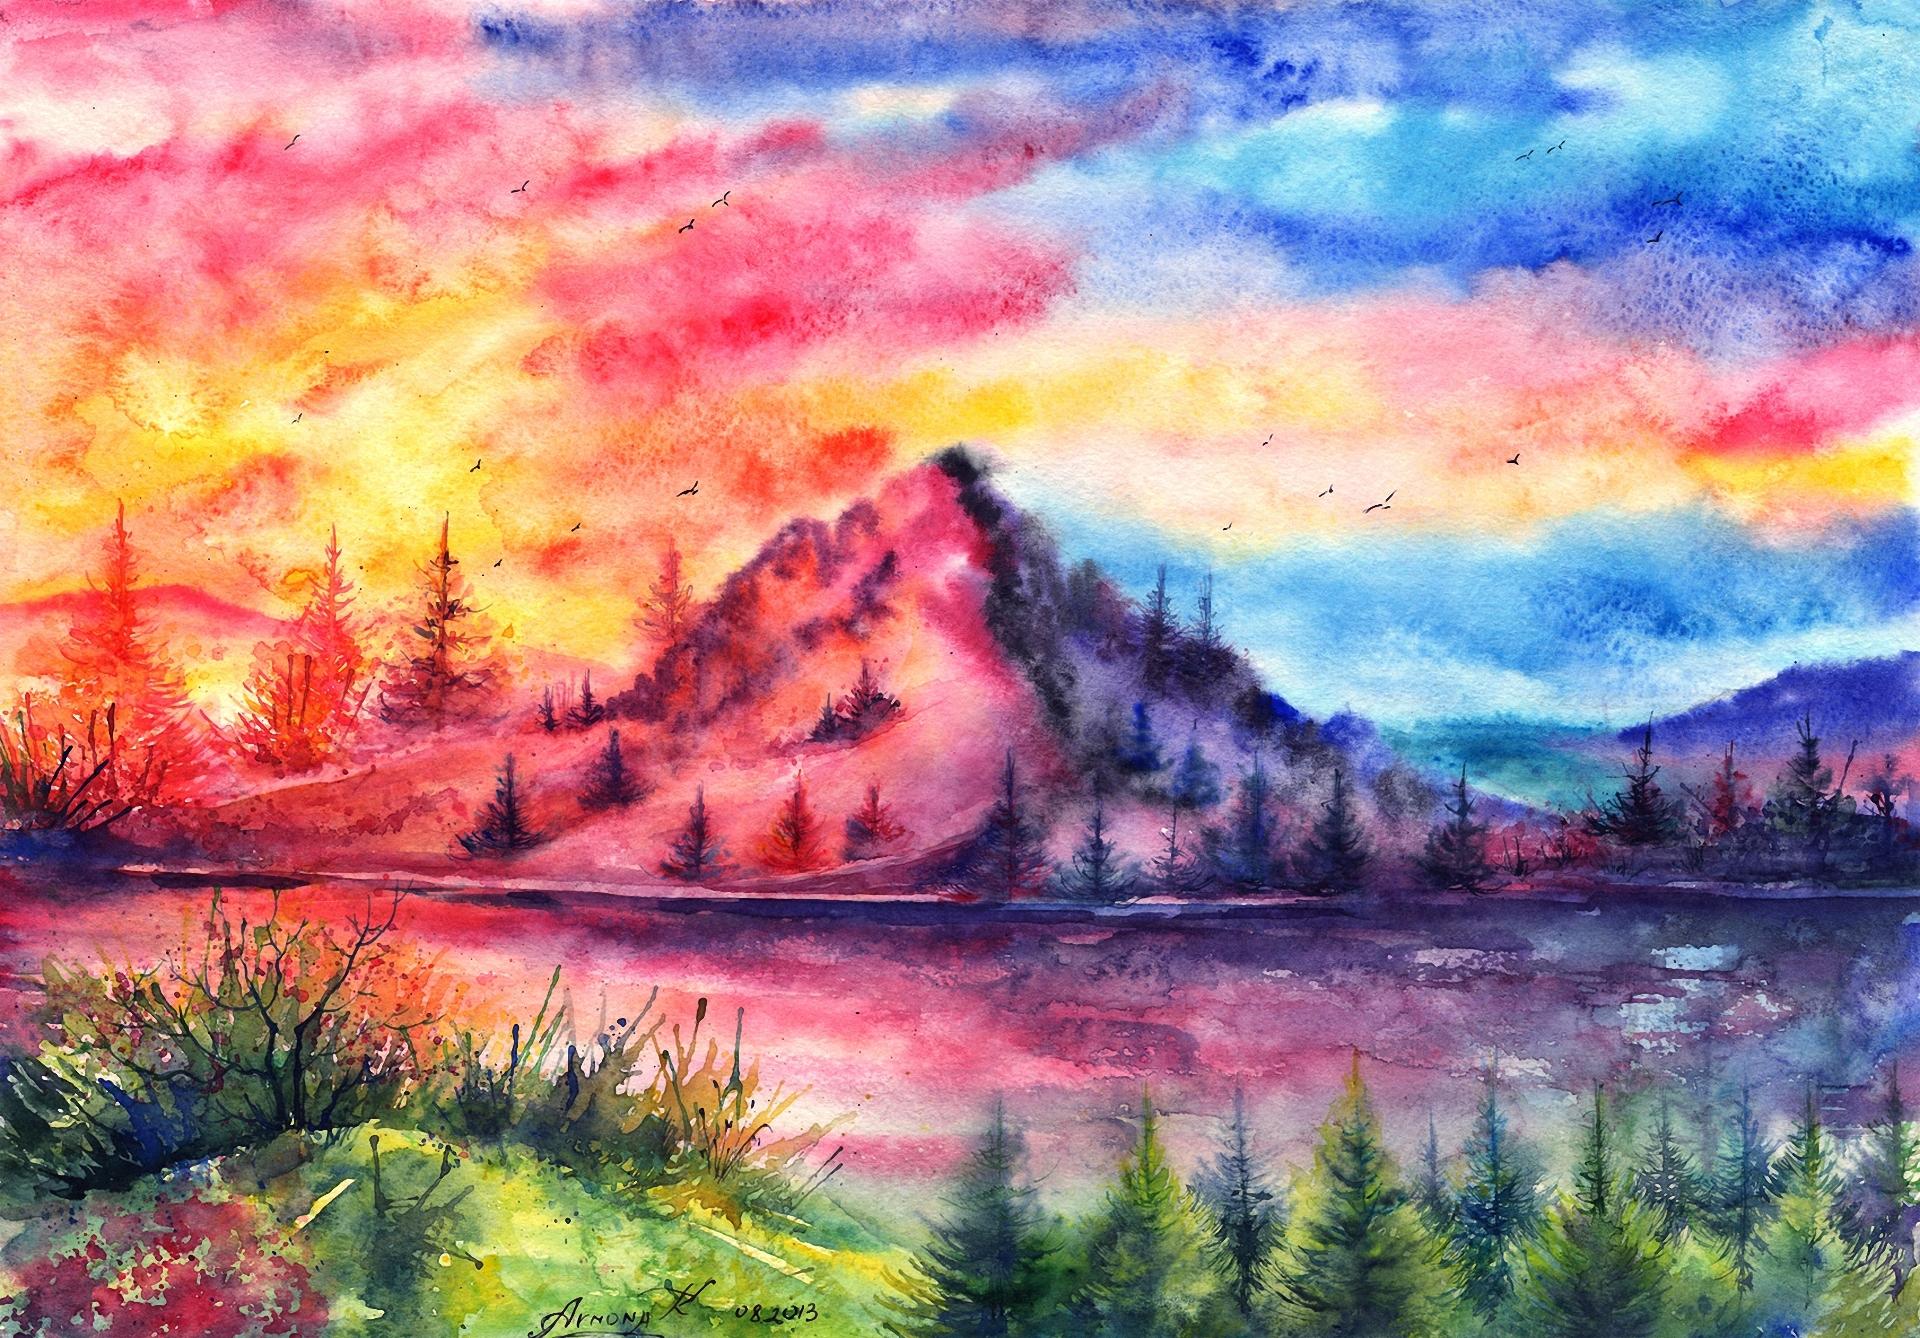 Картинки красивые пейзажи которые можно срисовать